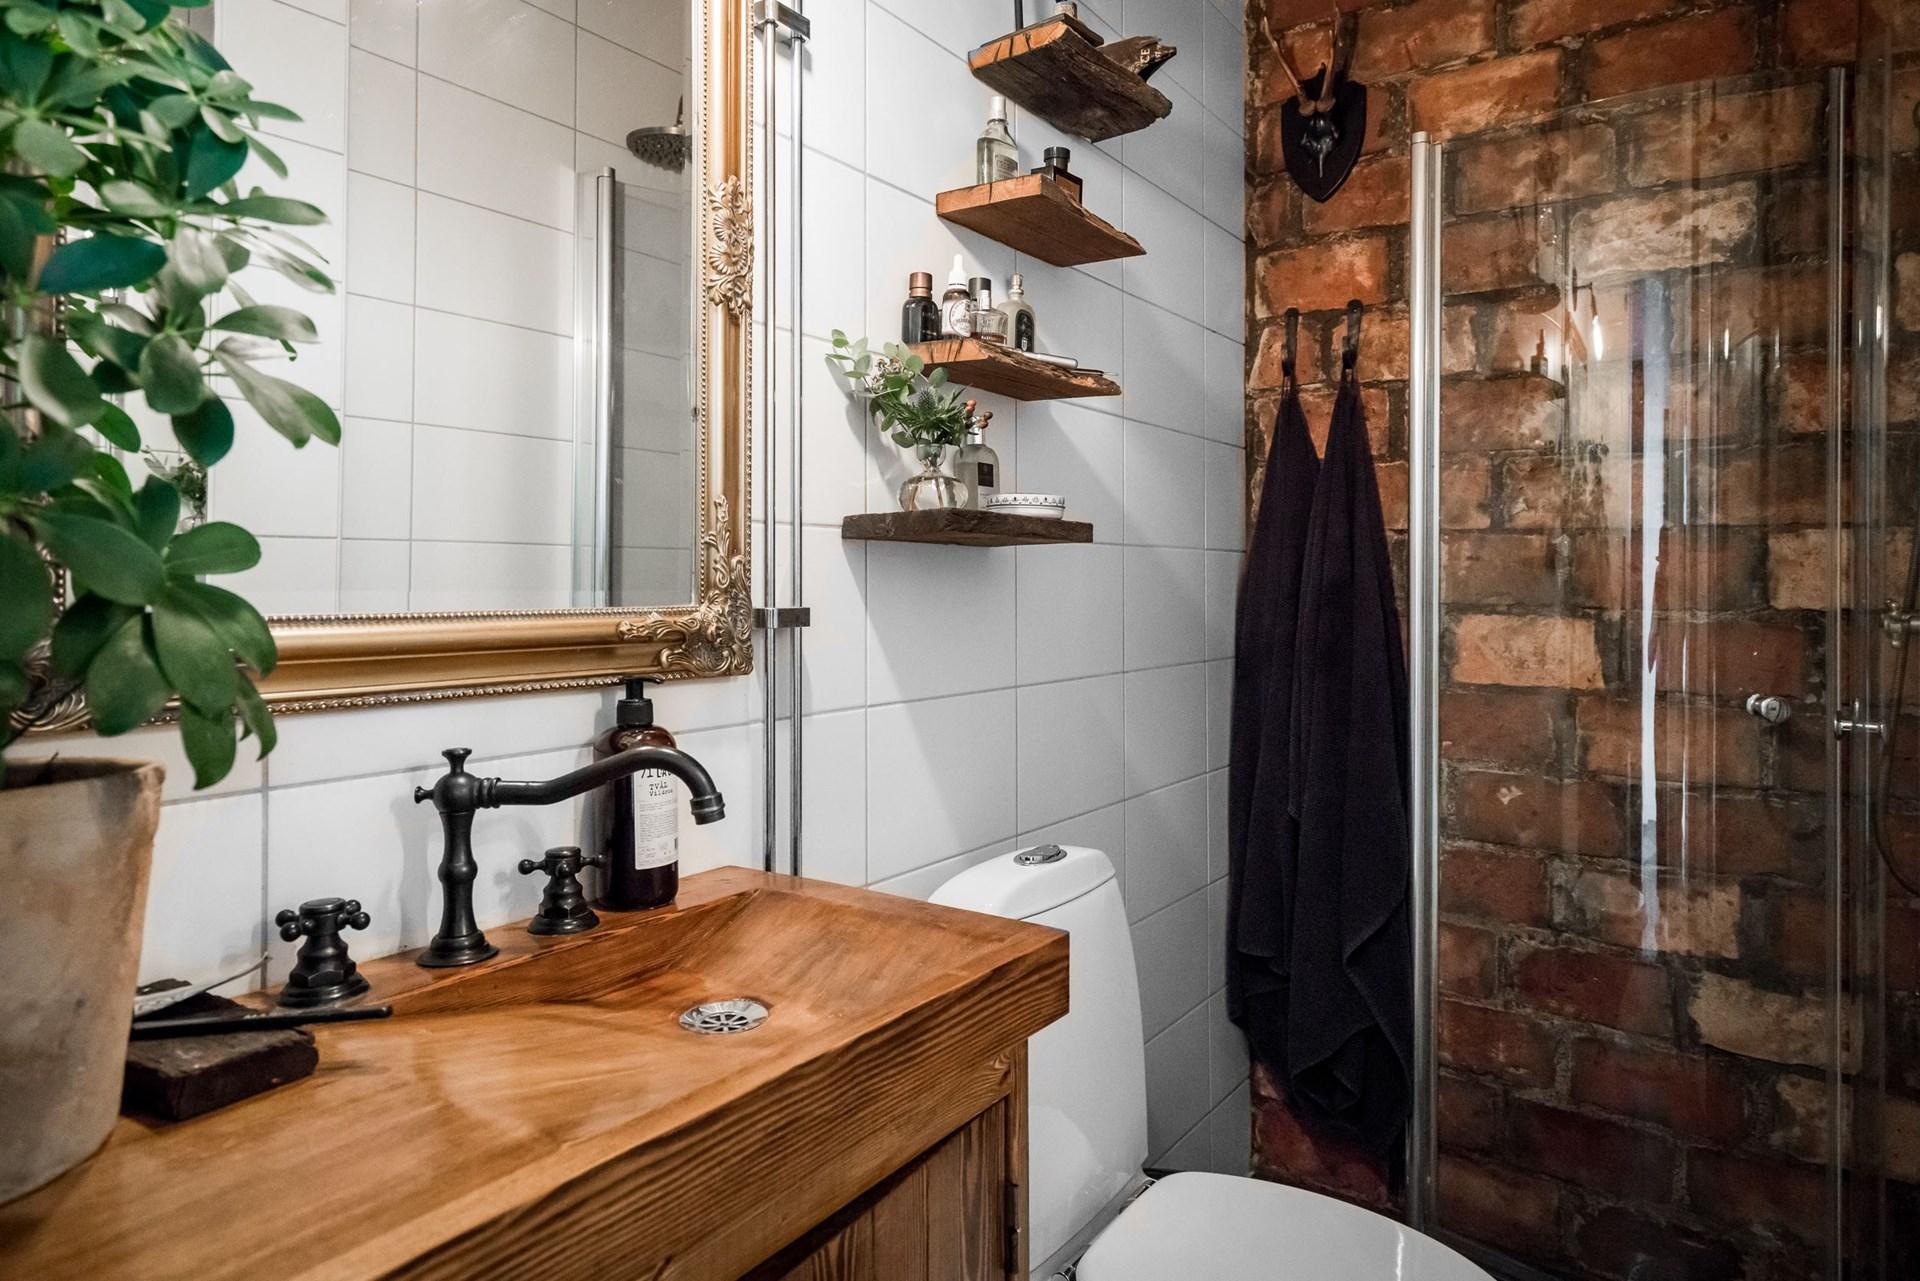 санузел душ стеклянная дверь кирпич деревянная раковина смеситель зеркало рама